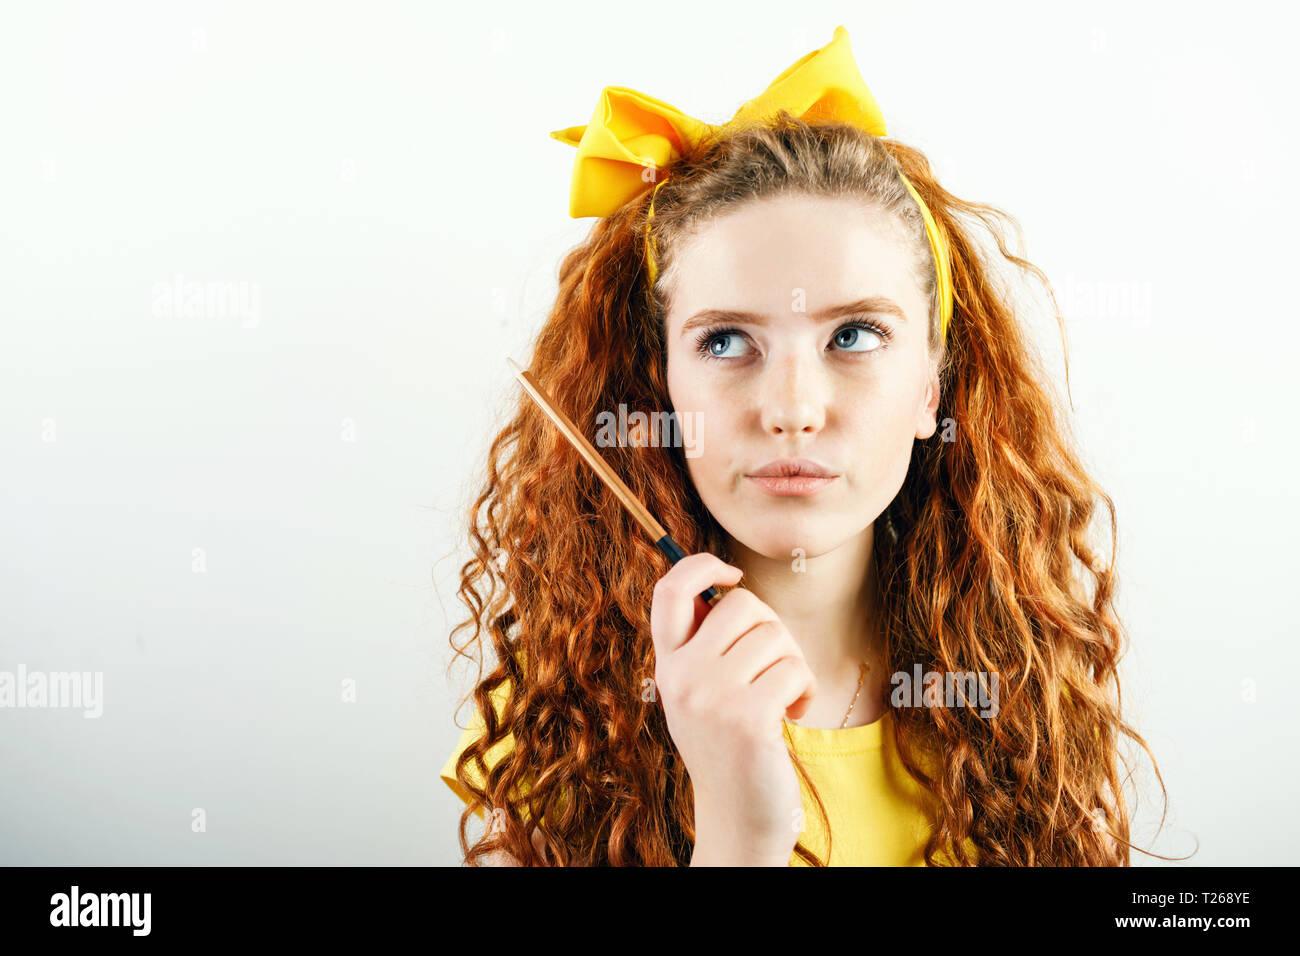 Pensativo curly jengibre amarillo chica con un arco sobre su cabeza la celebración de lápiz y pensando en algo mientras está parado sobre el fondo blanco. Foto de stock